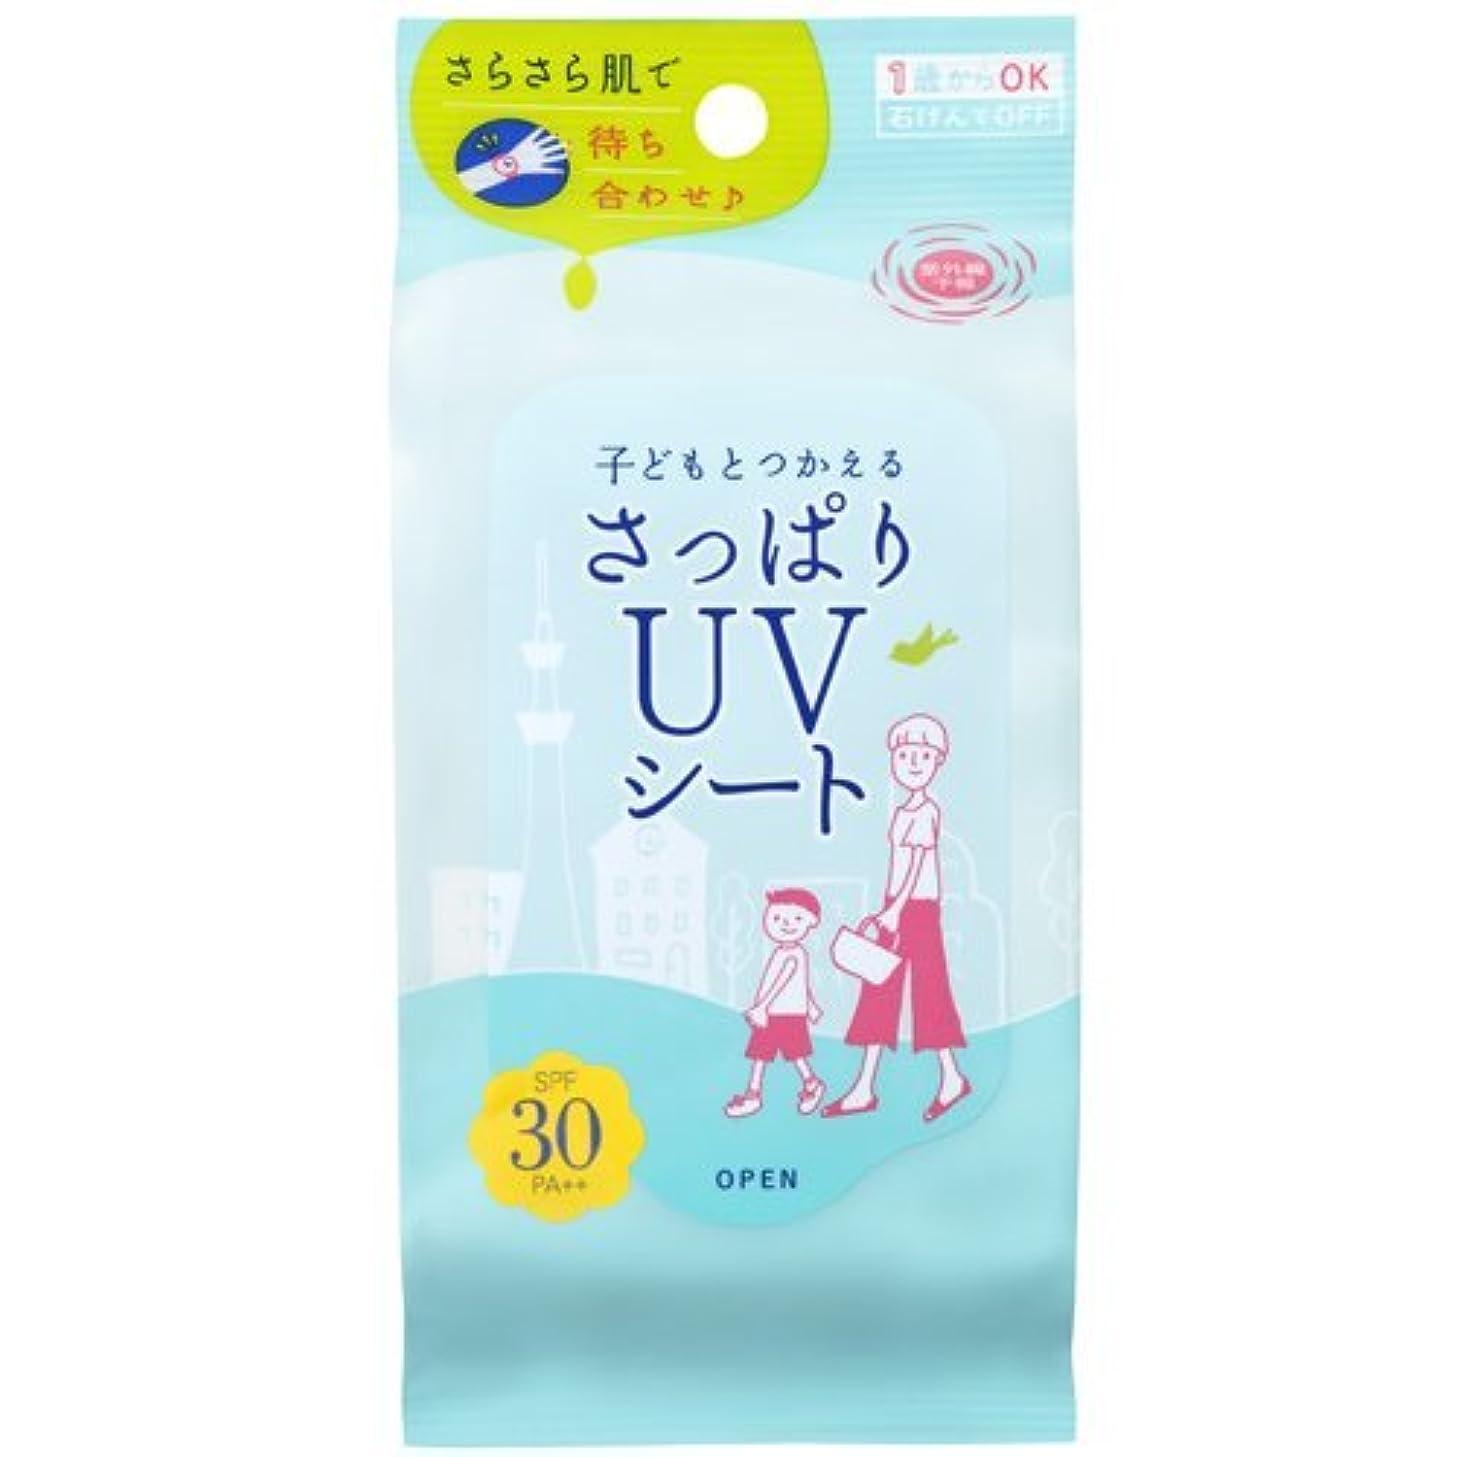 読みやすさ十一拒絶石澤研究所 紫外線予報 さっぱりUVシート 30枚入